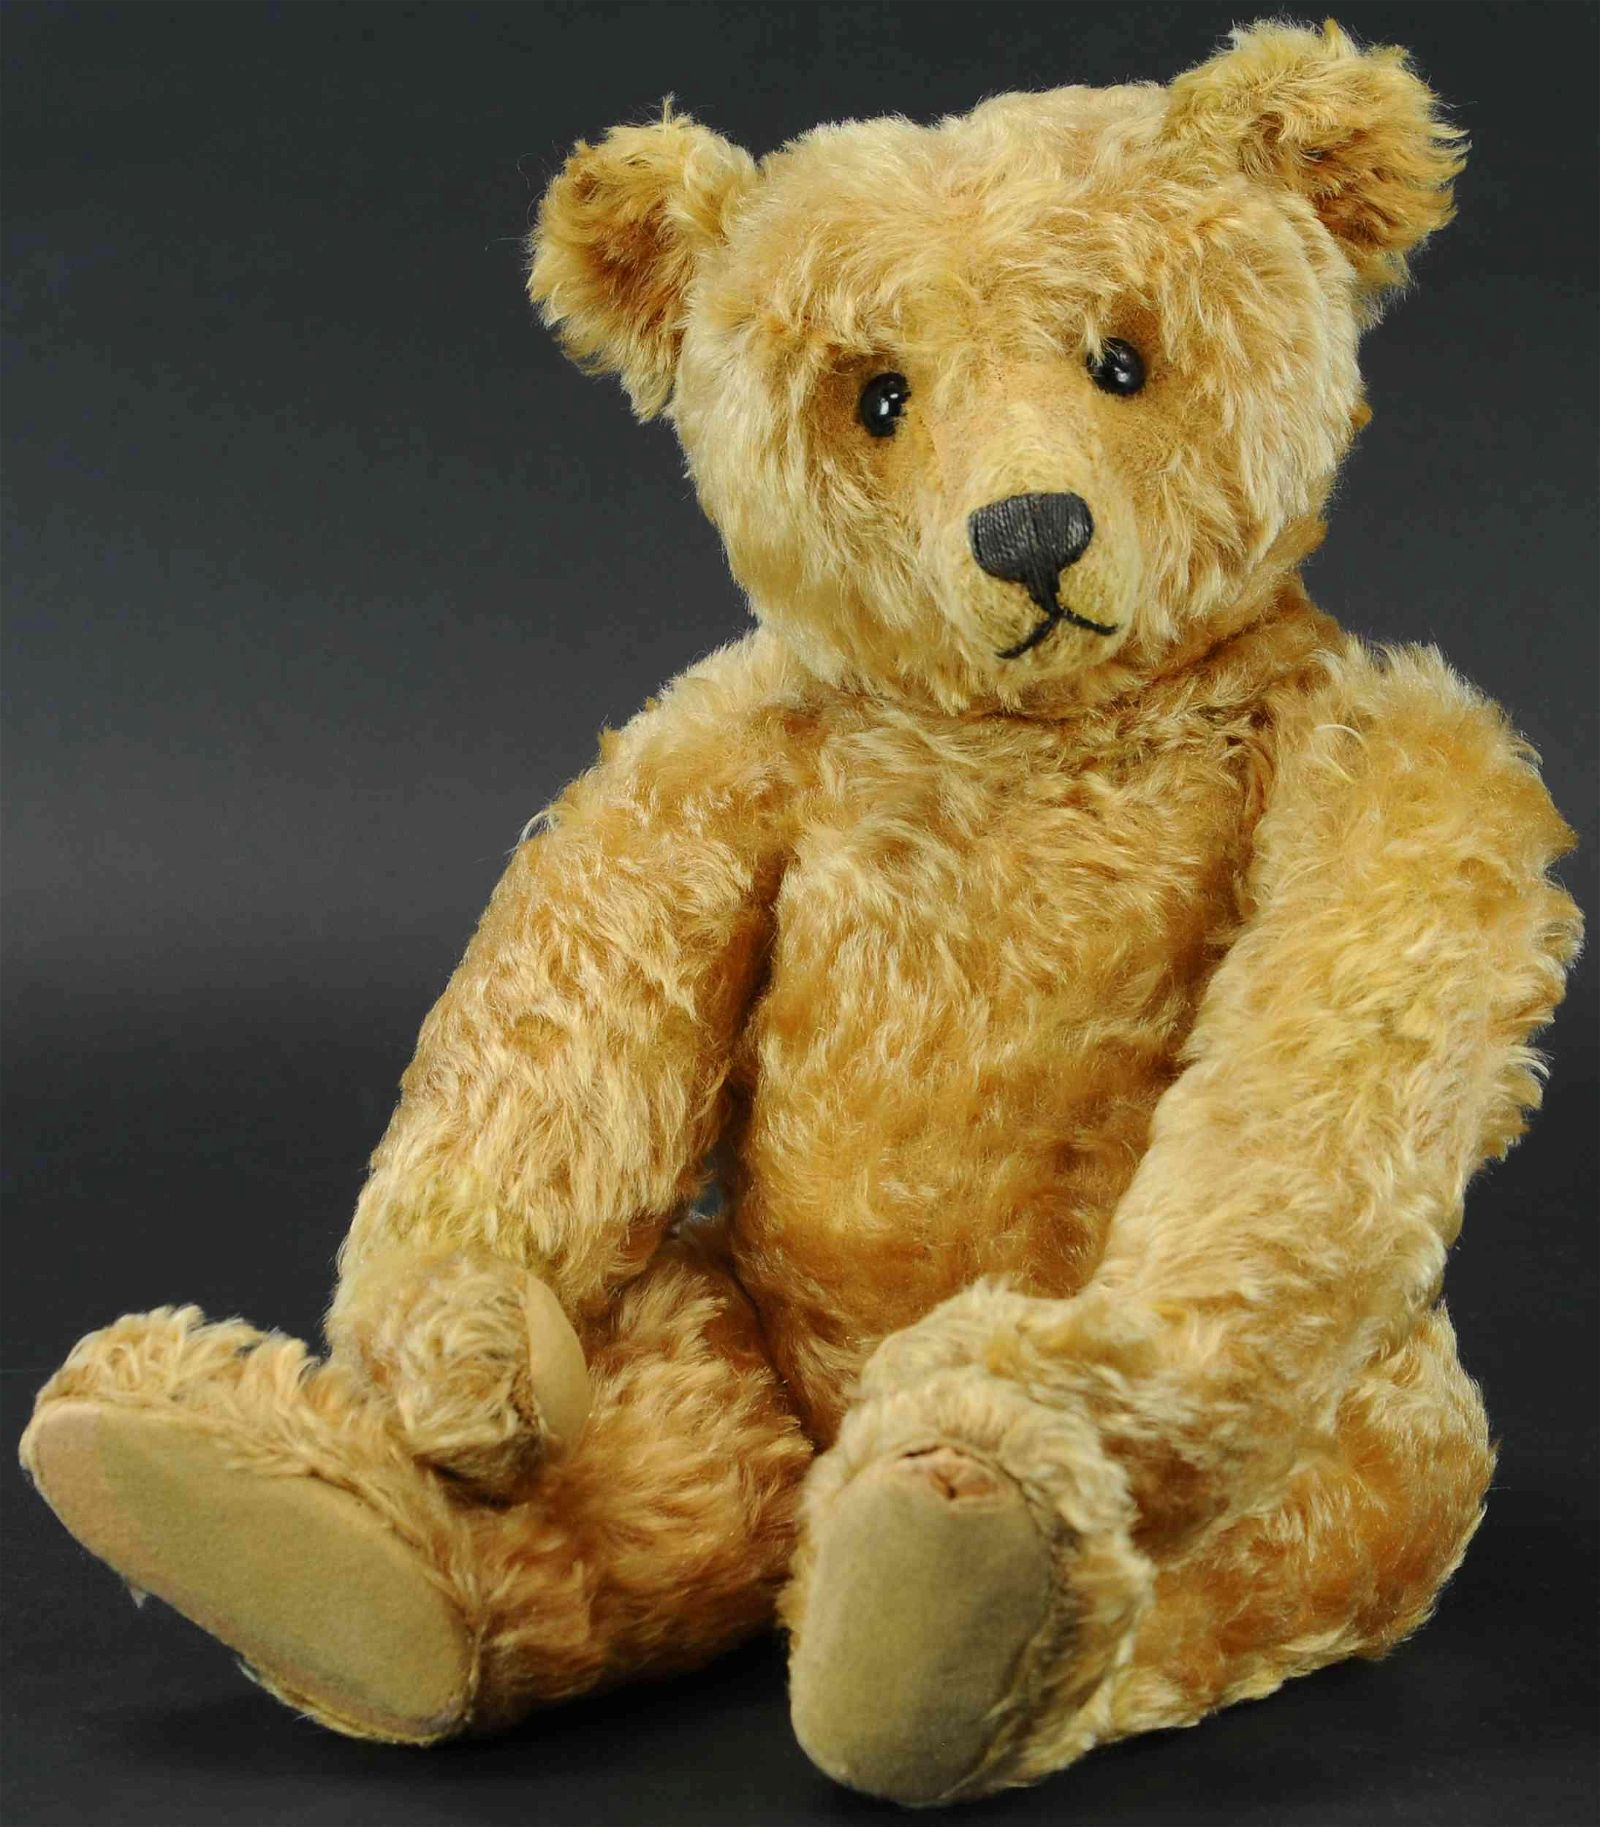 EARLY STEIFF CENTER SEAM TEDDY BEAR